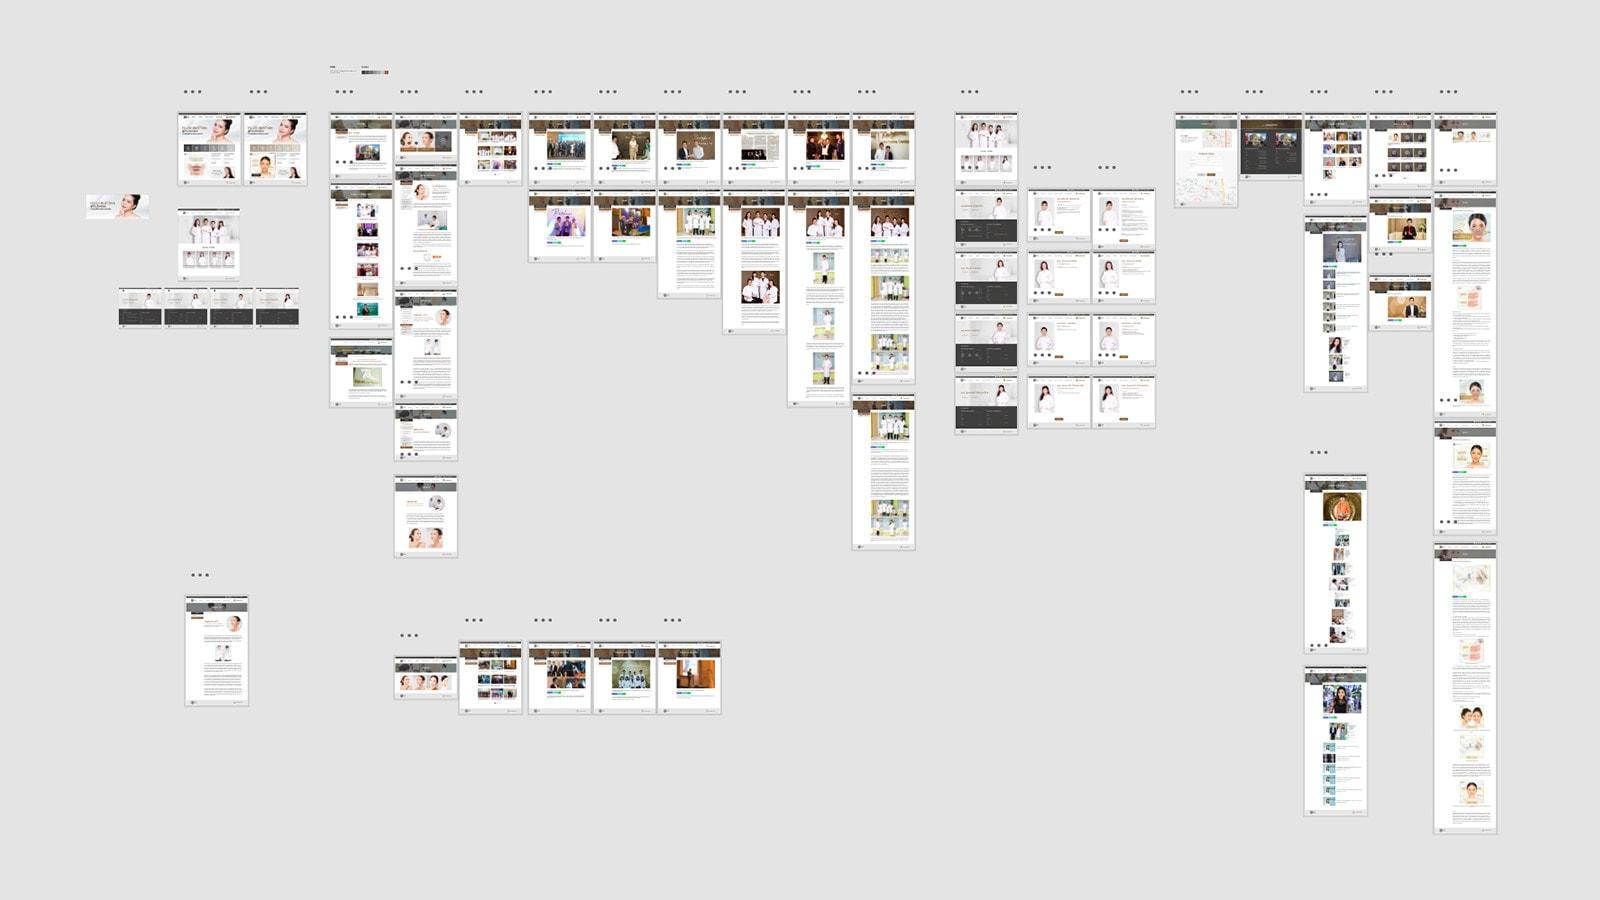 ผลงานออกแบบเว็บไซต์ AIC Clinic หน้าเว็บไซต์ทั้งหมด